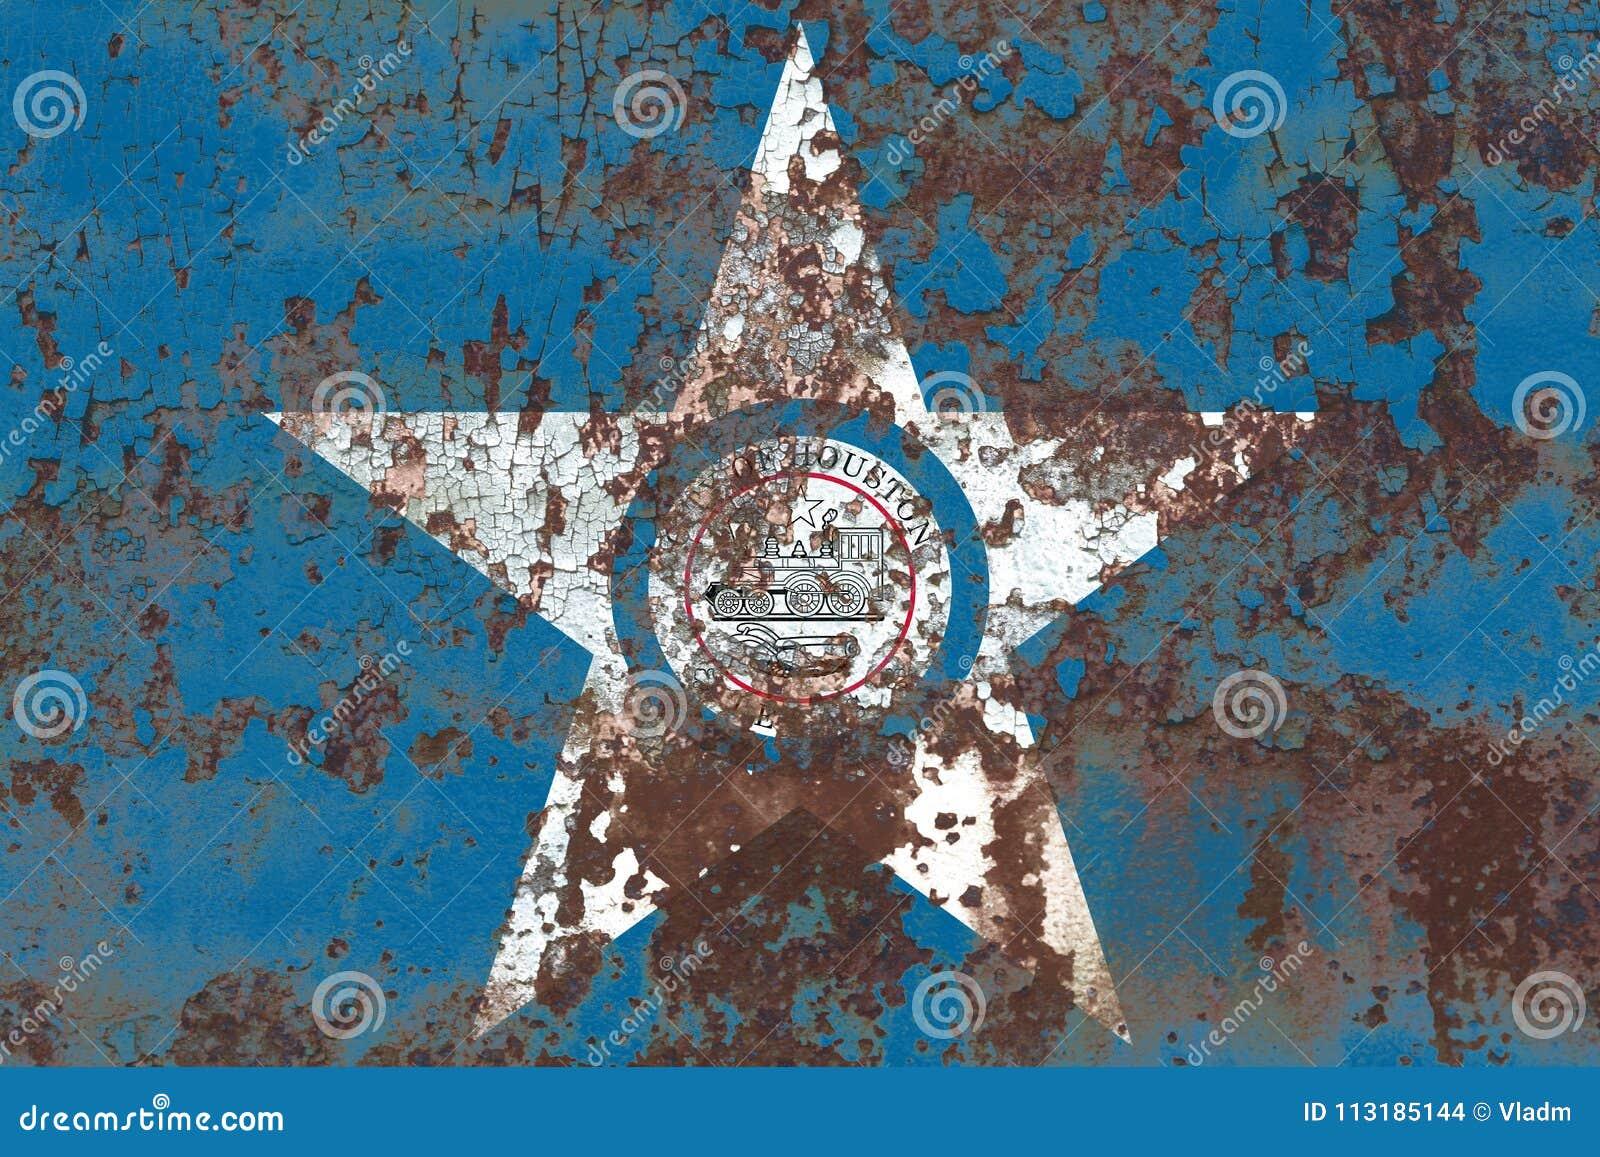 Флаг задымления городов Хьюстона, положение Техаса, Соединенные Штаты Америки